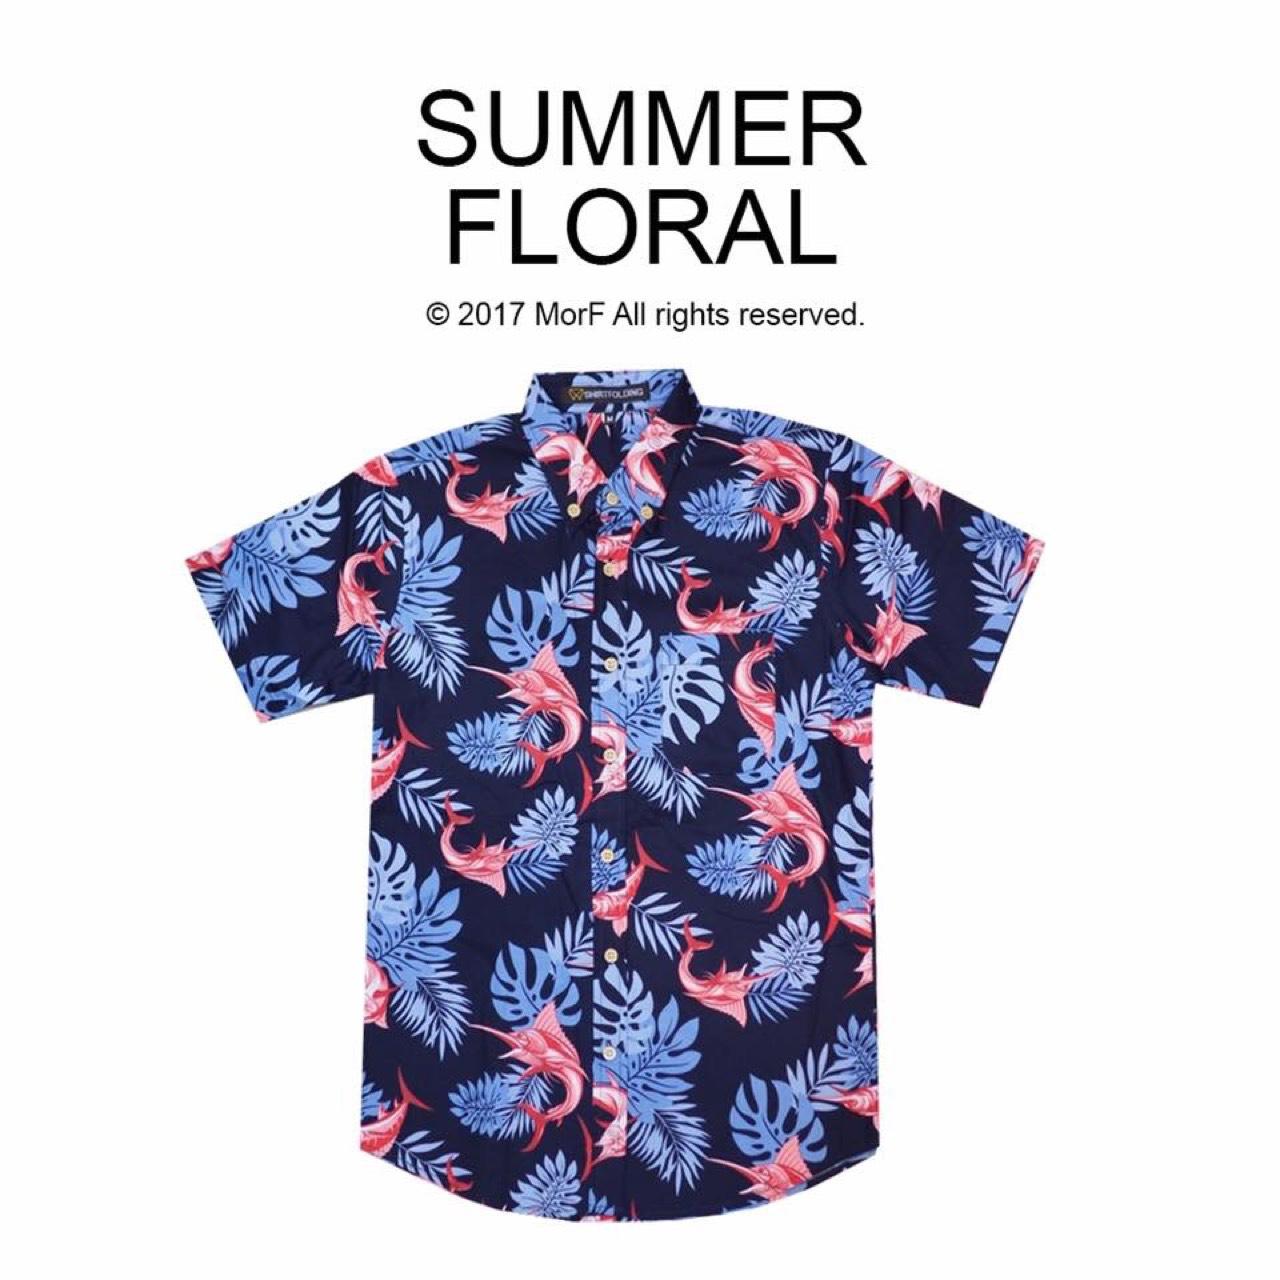 เสื้อเชิ้ต,เสื้อเชิ้ตแขนสั้น,วินเทจ,vintage,hawaii,เสื้อฮาวาย,เสื้อลายดอก,ทะเล,summer,สงกรานต์,MorfClothes